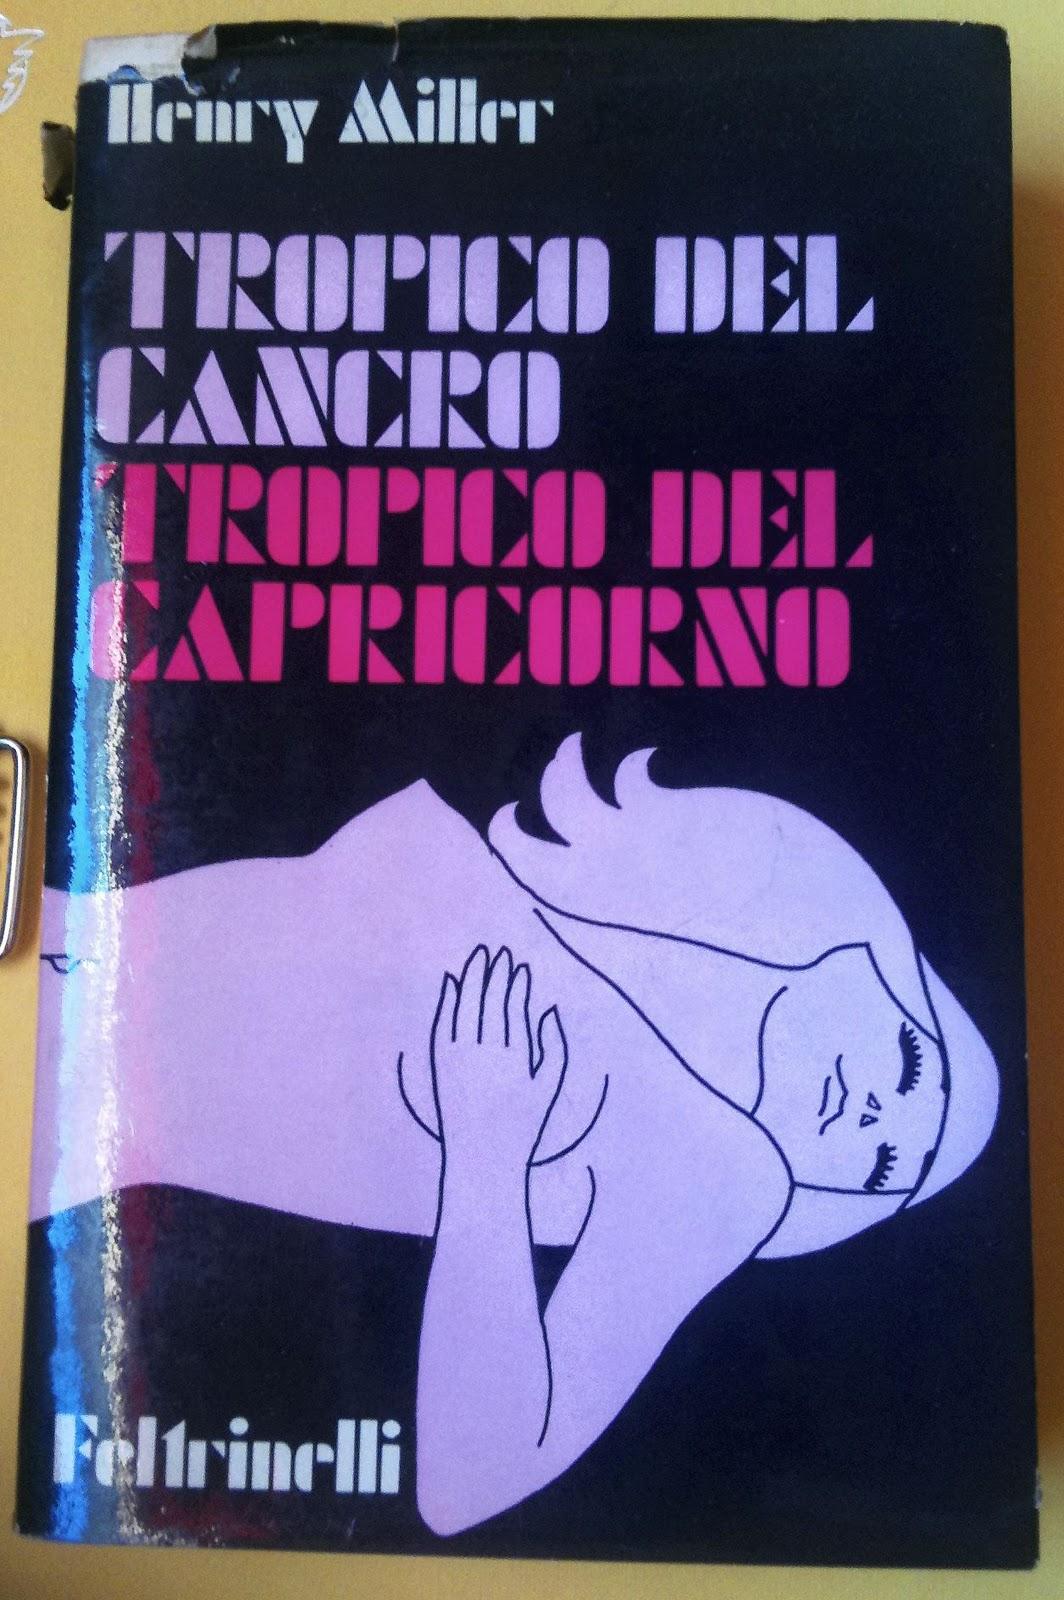 henry miller tropico: